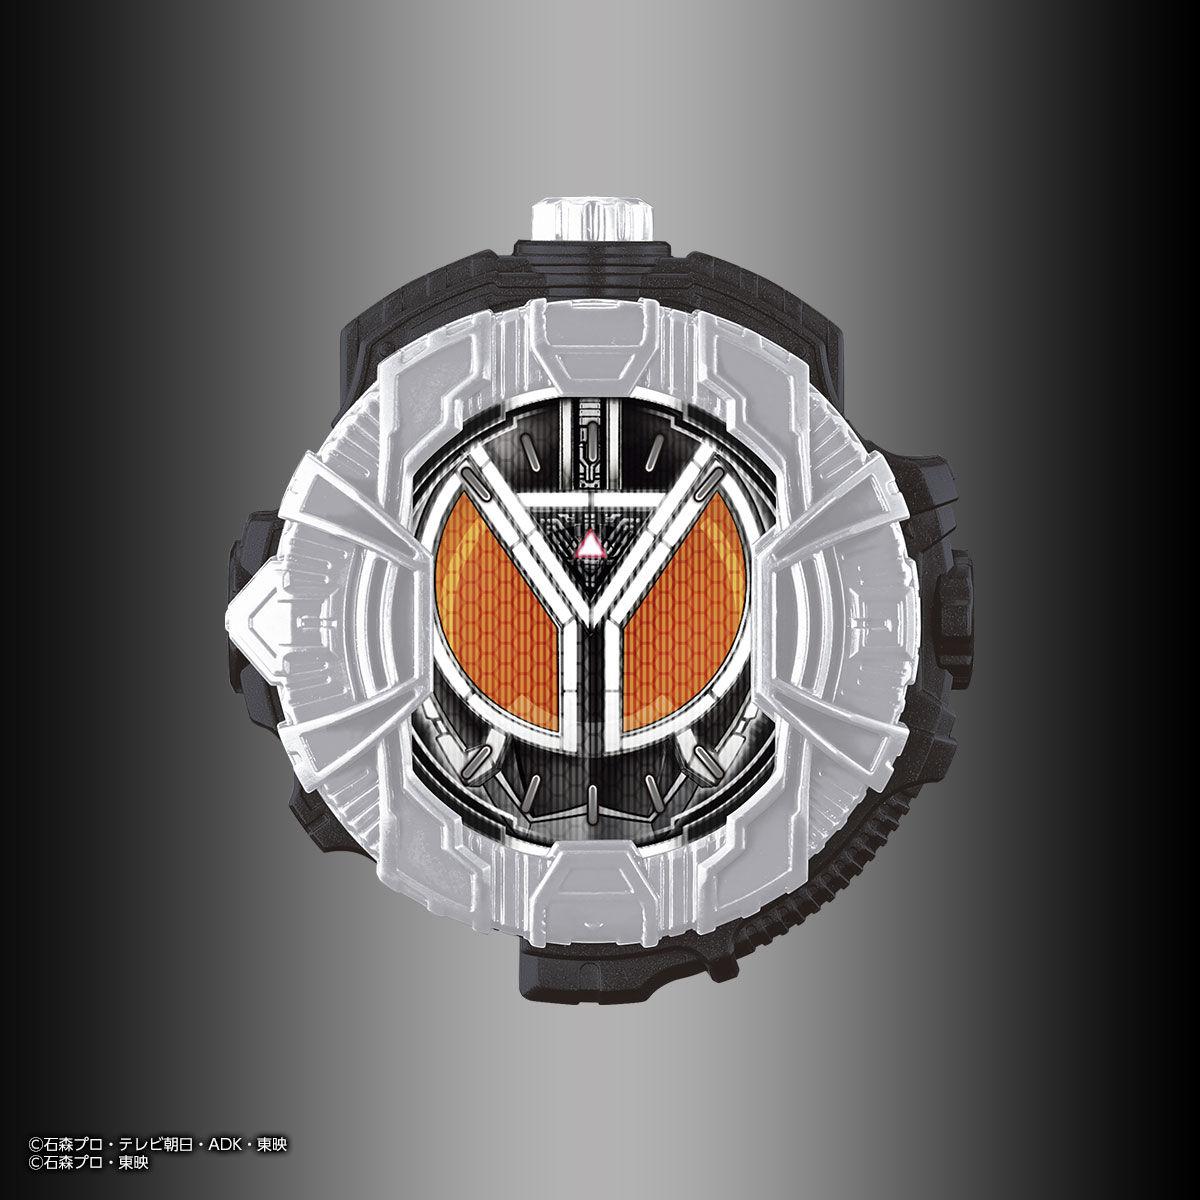 仮面ライダージオウ サウンドライドウォッチシリーズ『GPライドウォッチPB01』ガシャポン-007